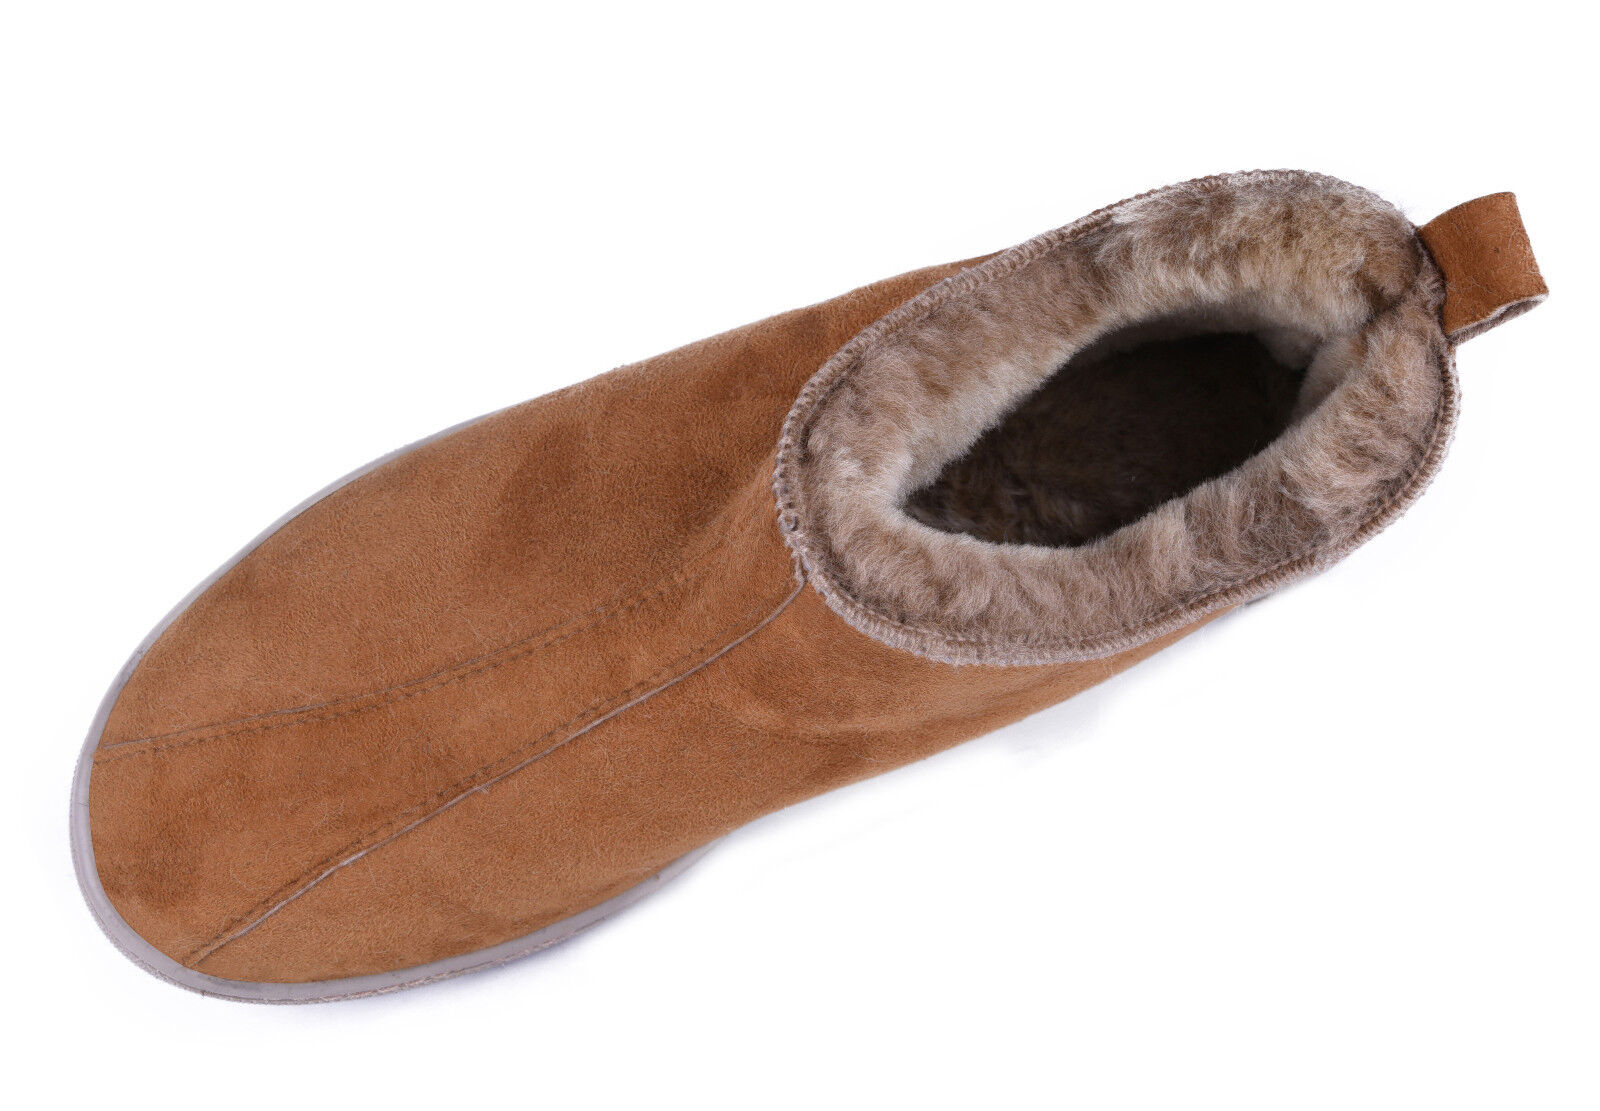 Skandinavische Lammfell Schuhe Leder Mokassin Lederschuhe Hausschuhe für Draußen